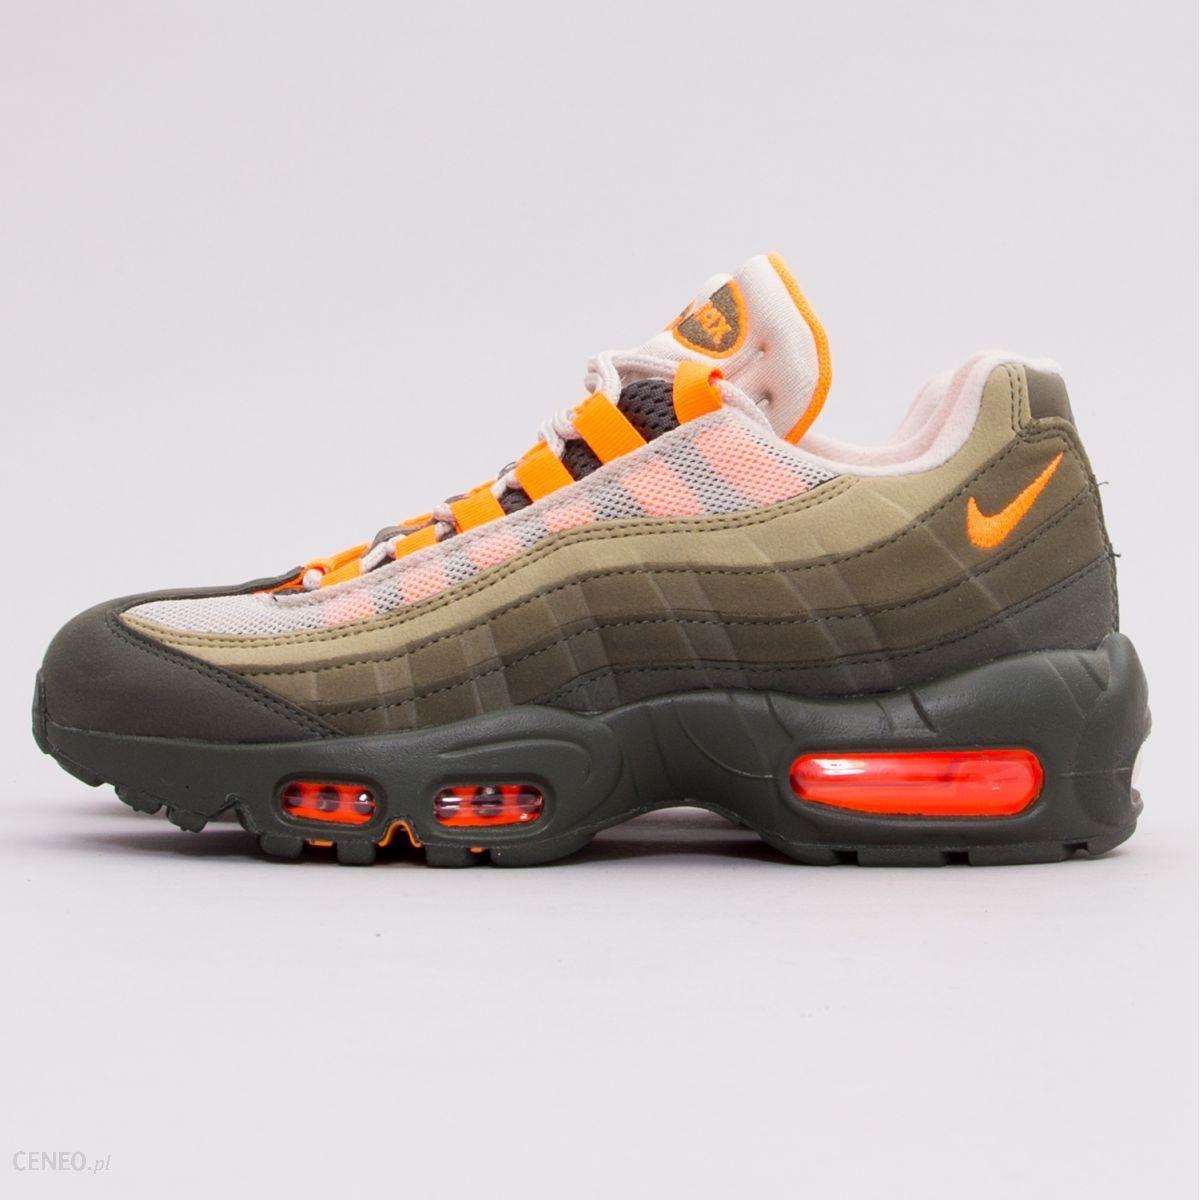 Nike AIR MAX 95 OG AT2865 200